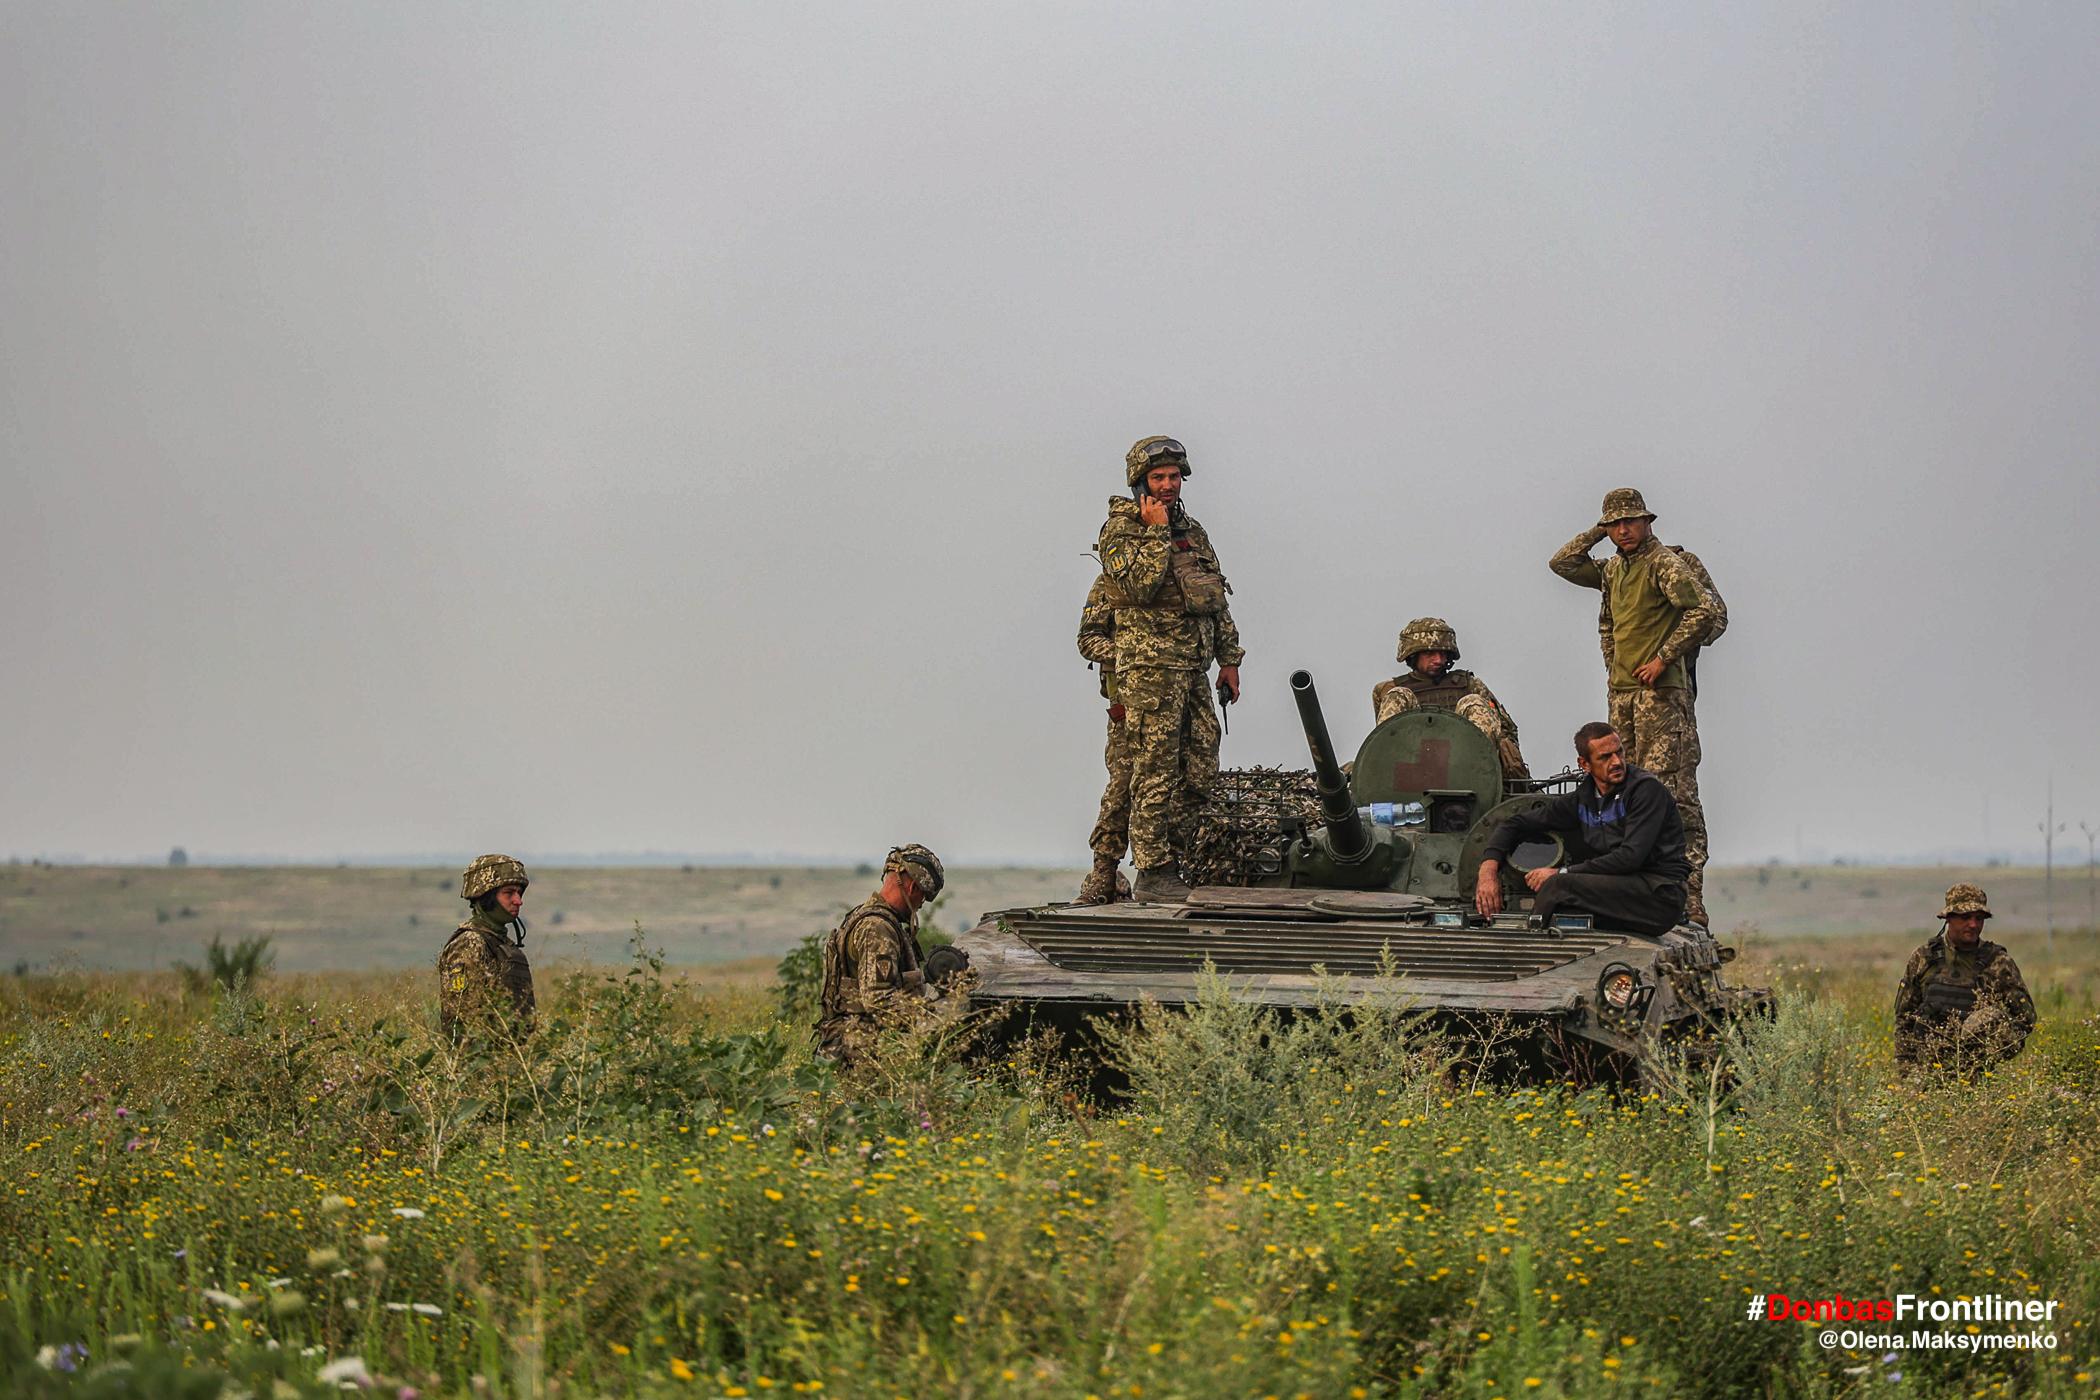 Екіпаж БМП. Бойове тренування 503-го батальйону морської піхоти на Приазов'ї, липень 2021 року